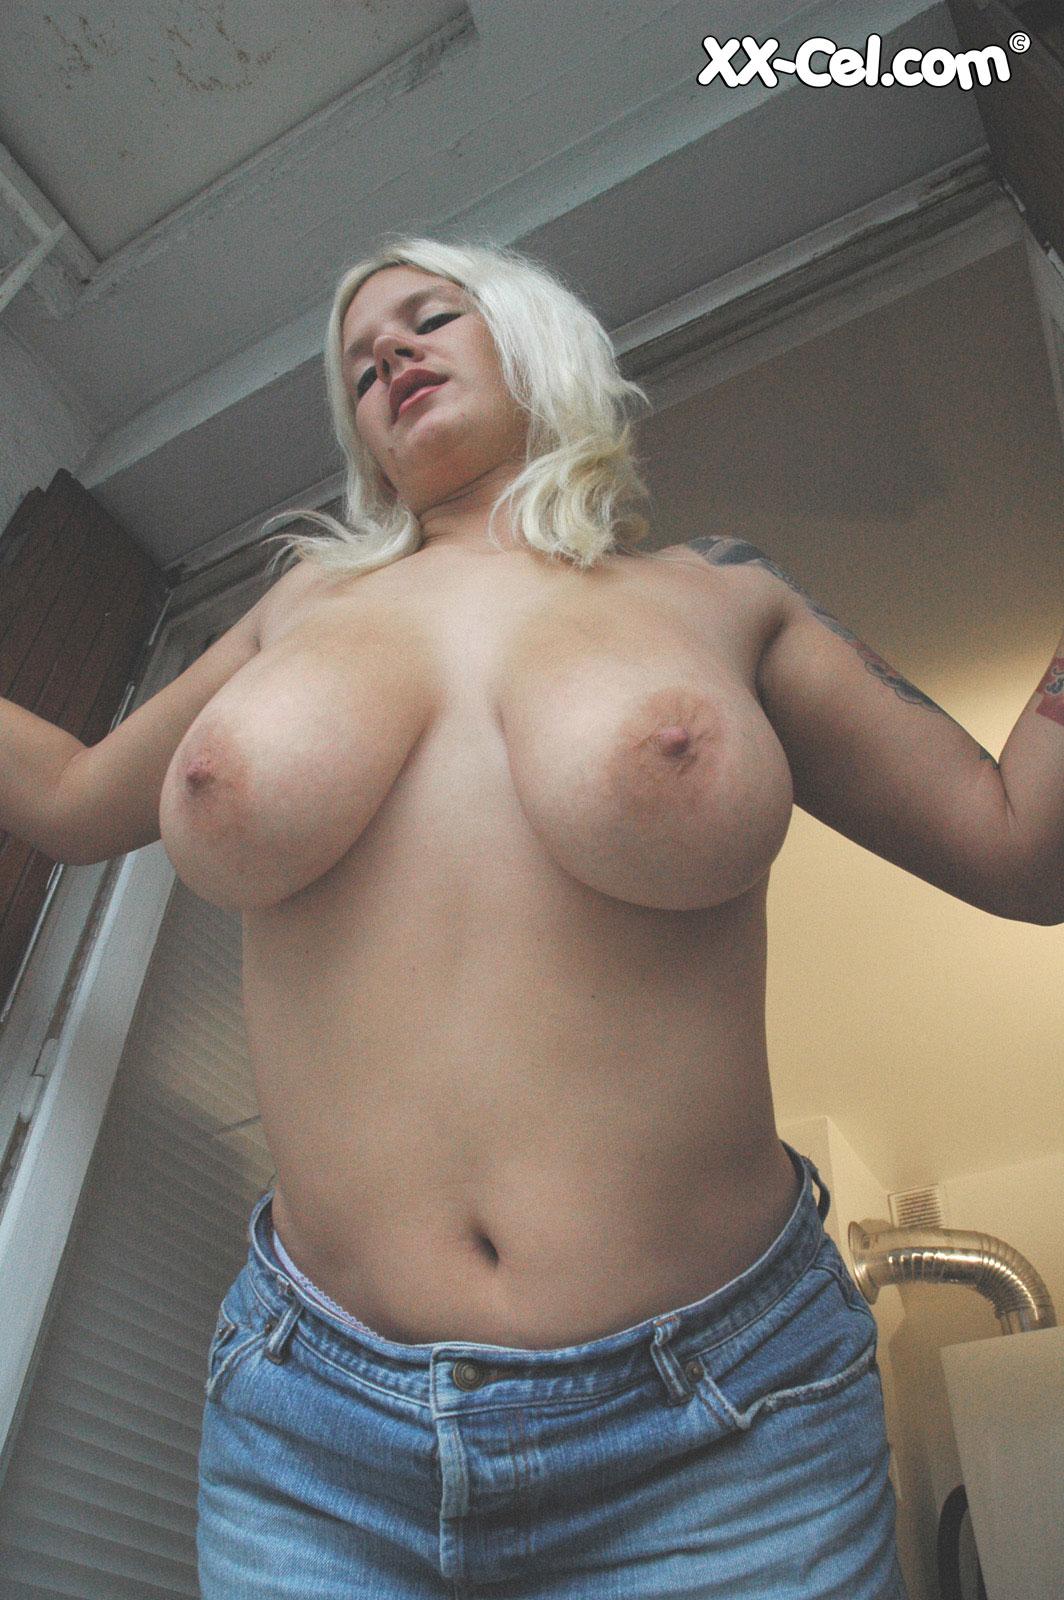 Big tits gals